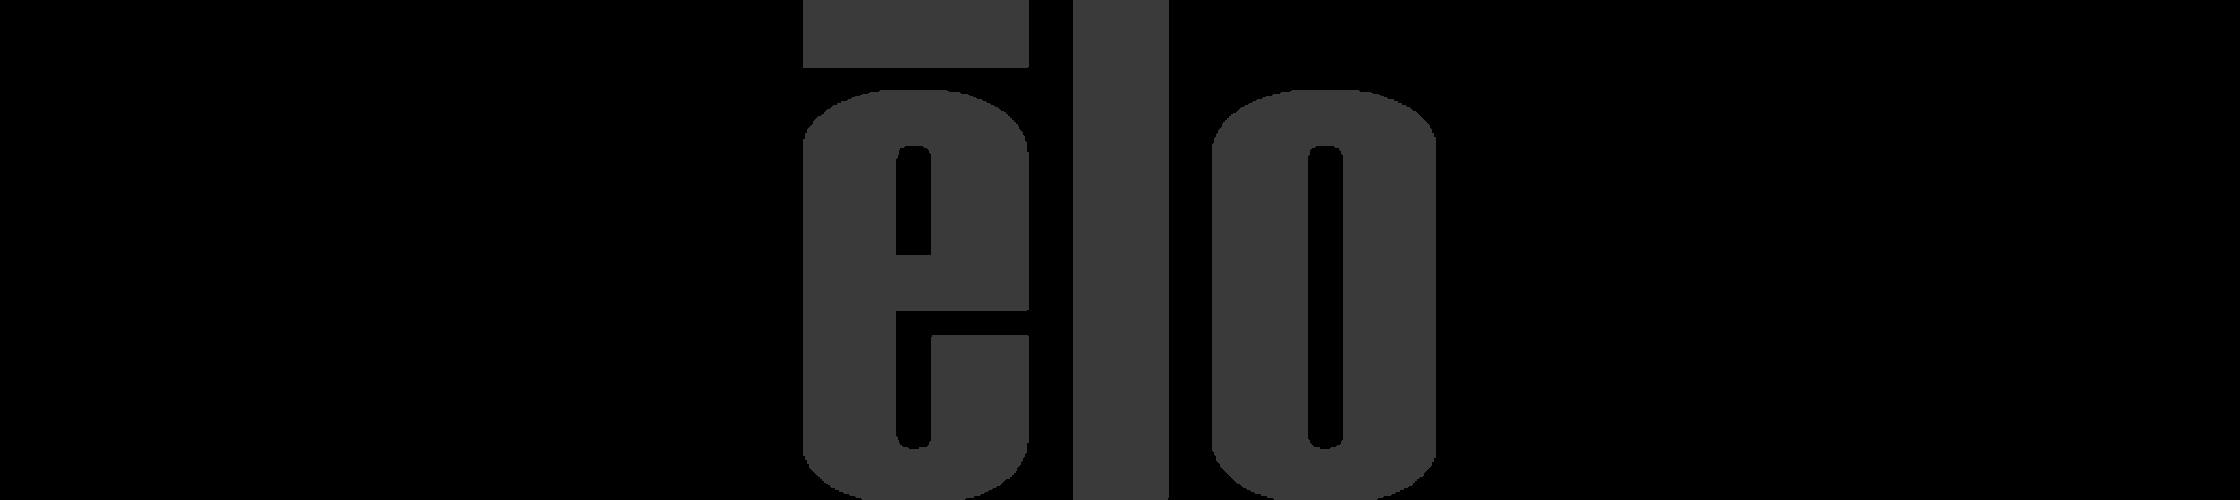 elo_o